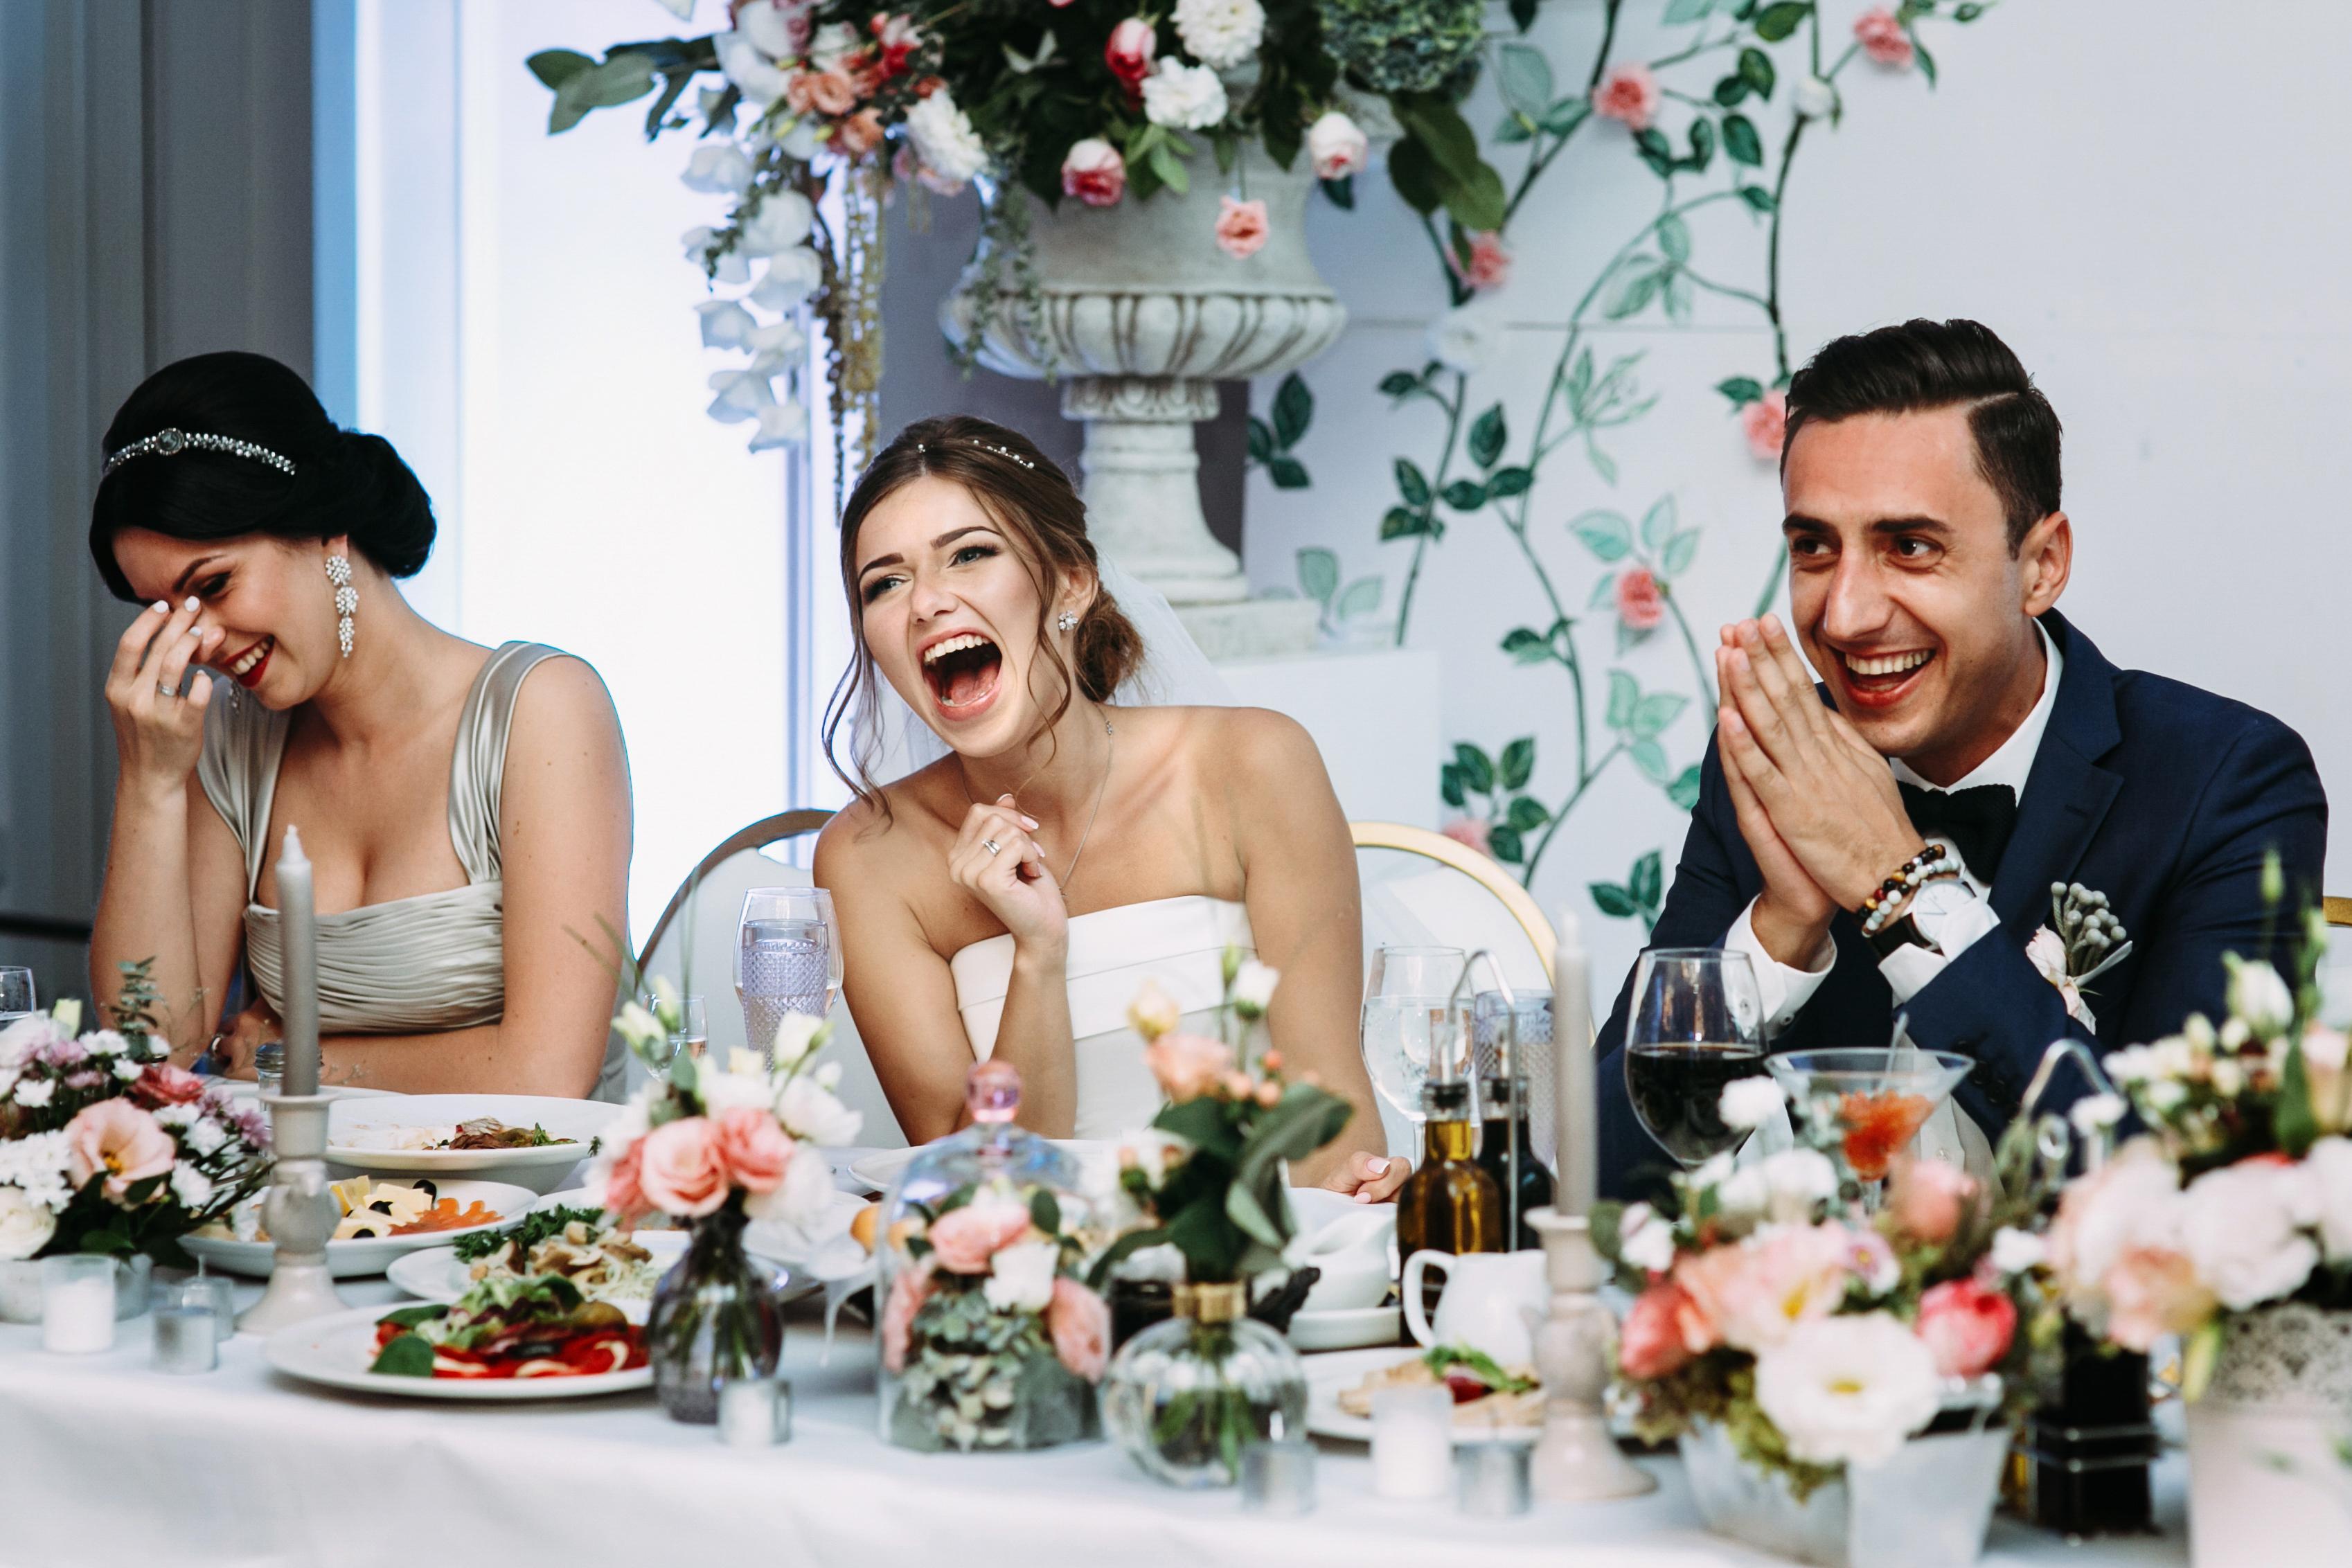 Wedding reception venues_6214